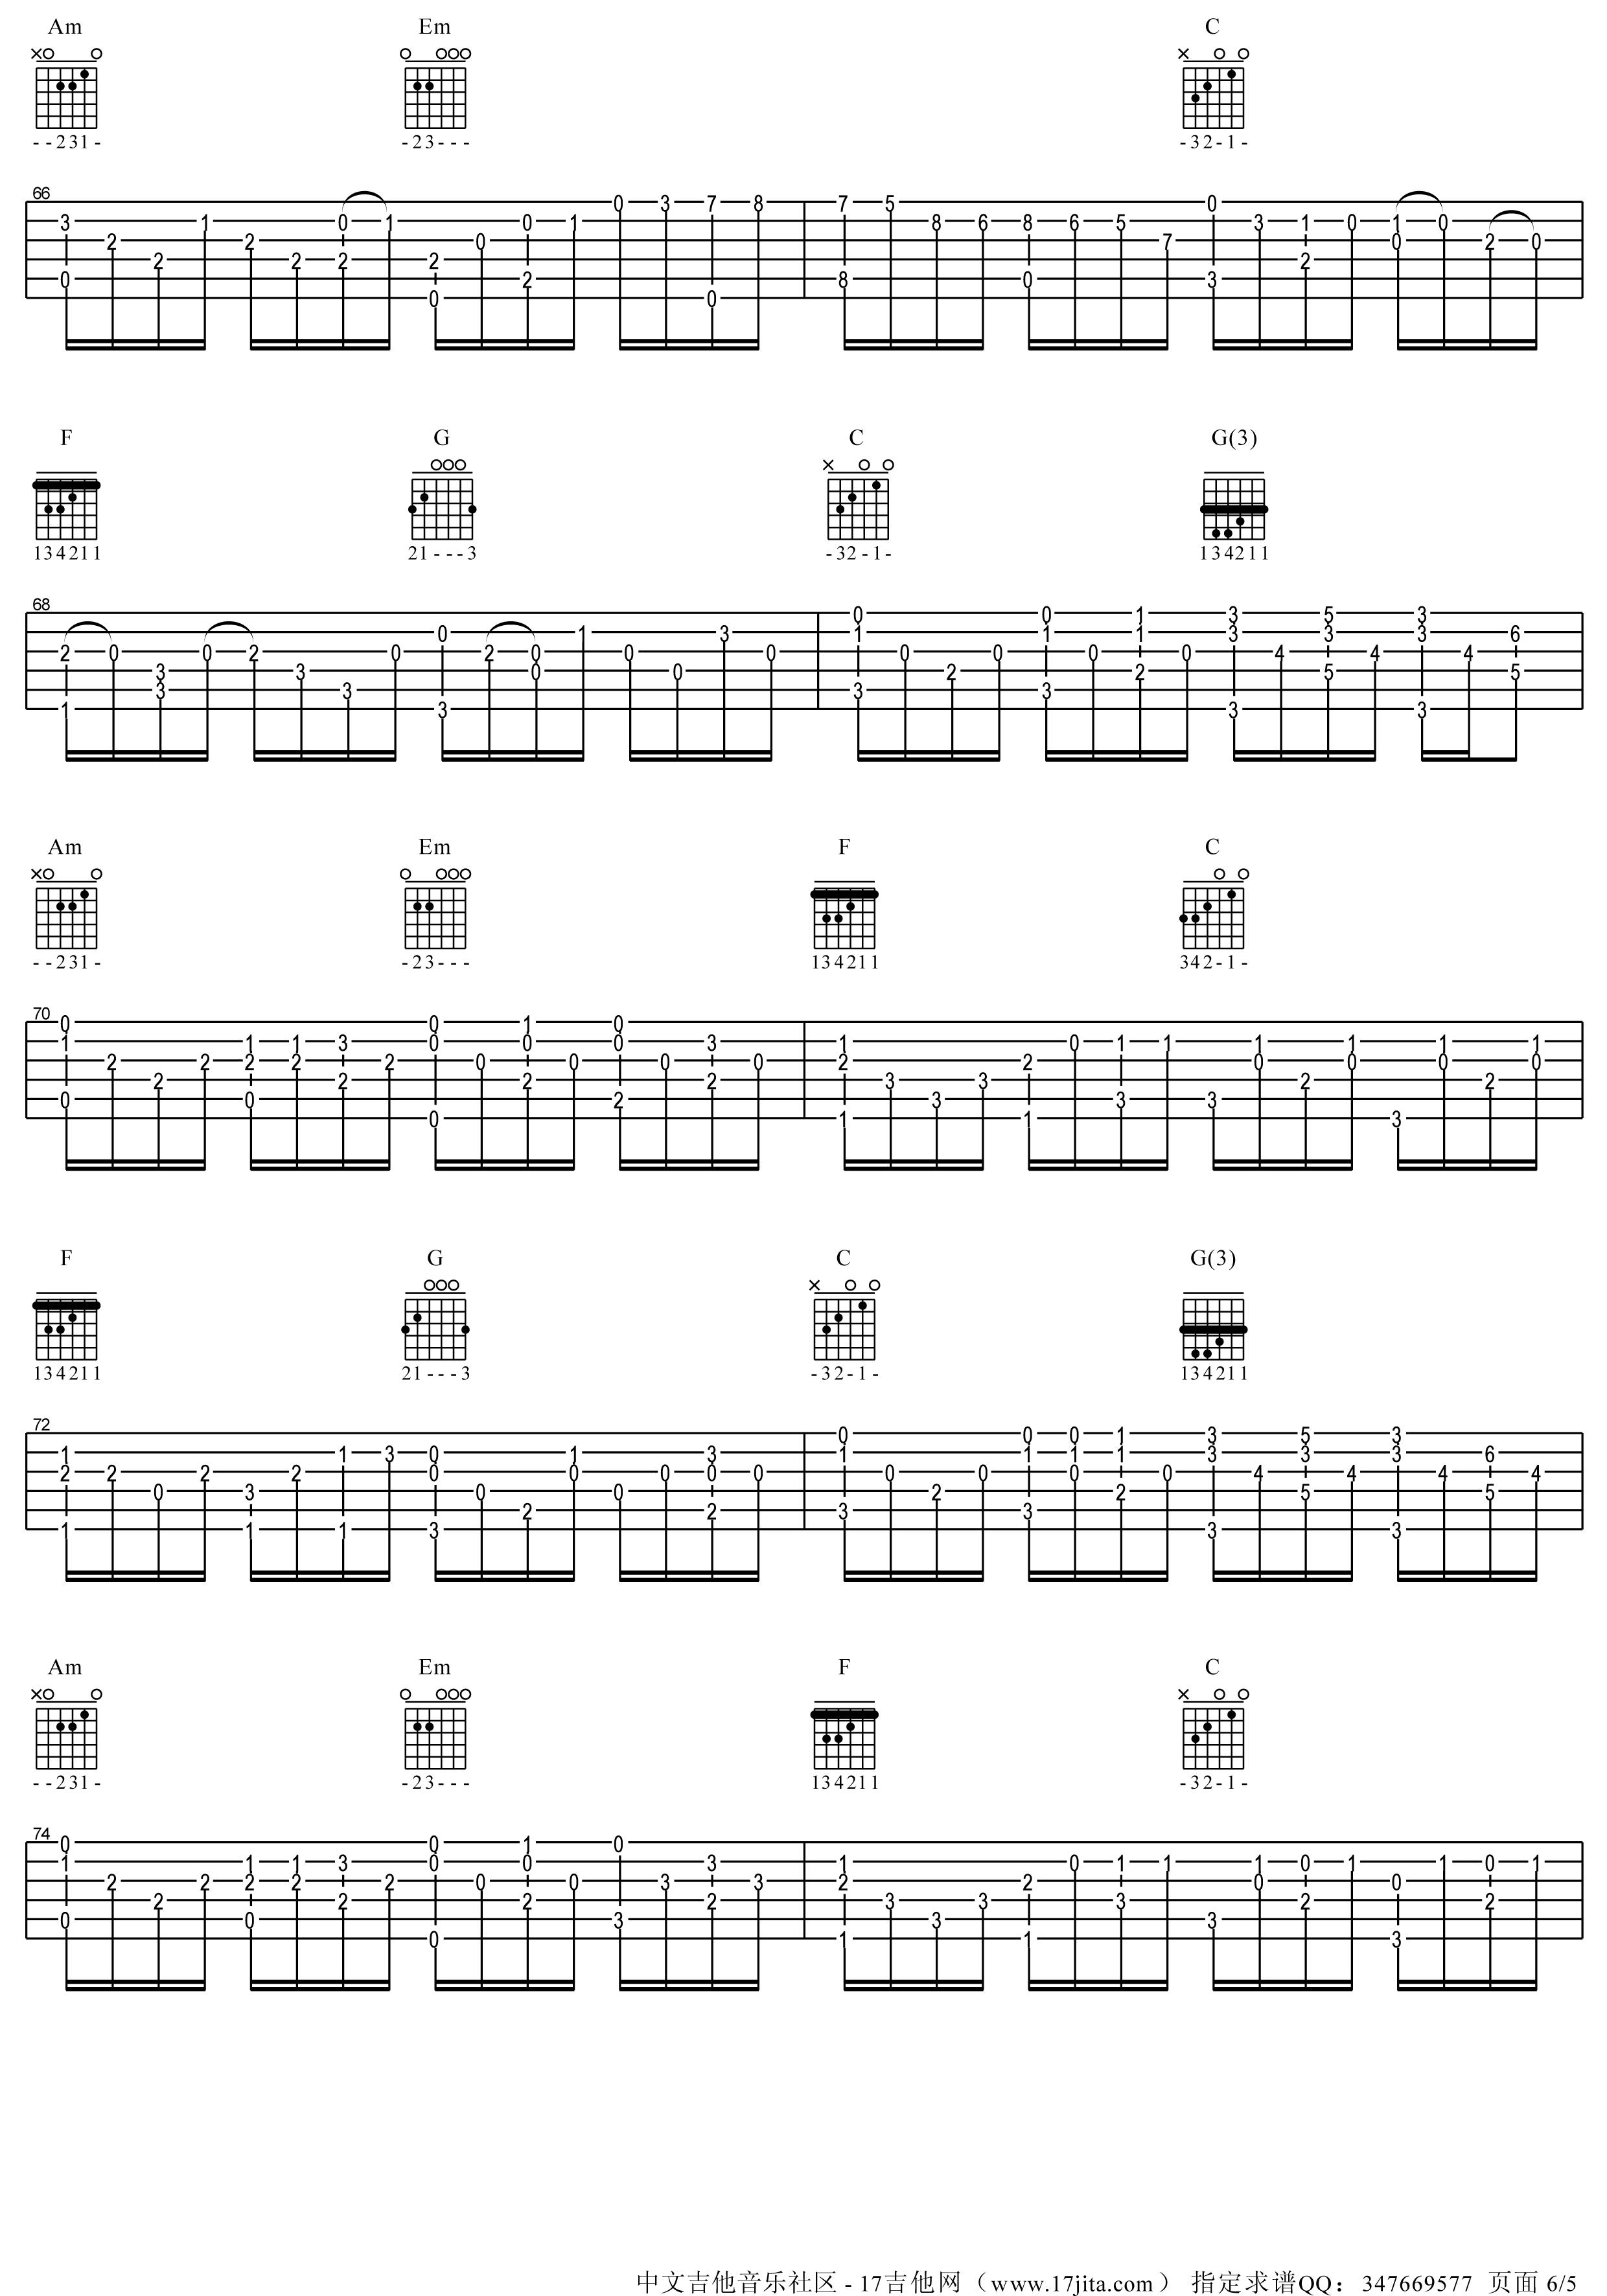 卢家宏 c调卡农吉他谱 带和弦完整版【高清谱】